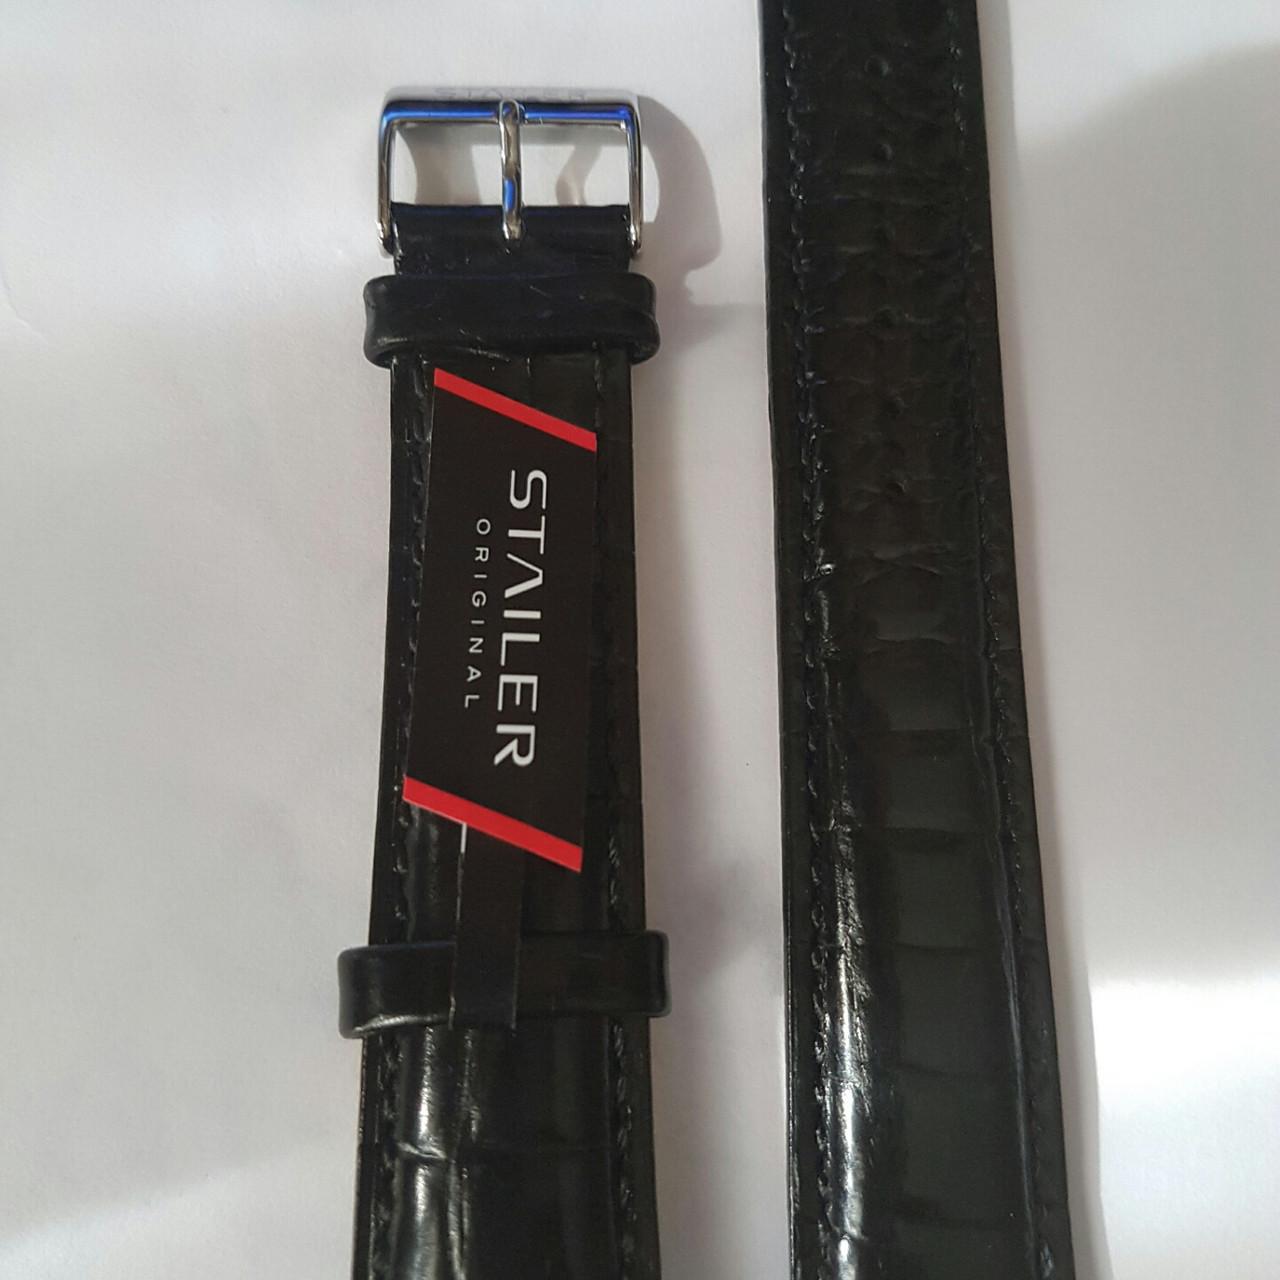 Кожаный ремень Stailer - черный ремень с выделкой под крокодил.